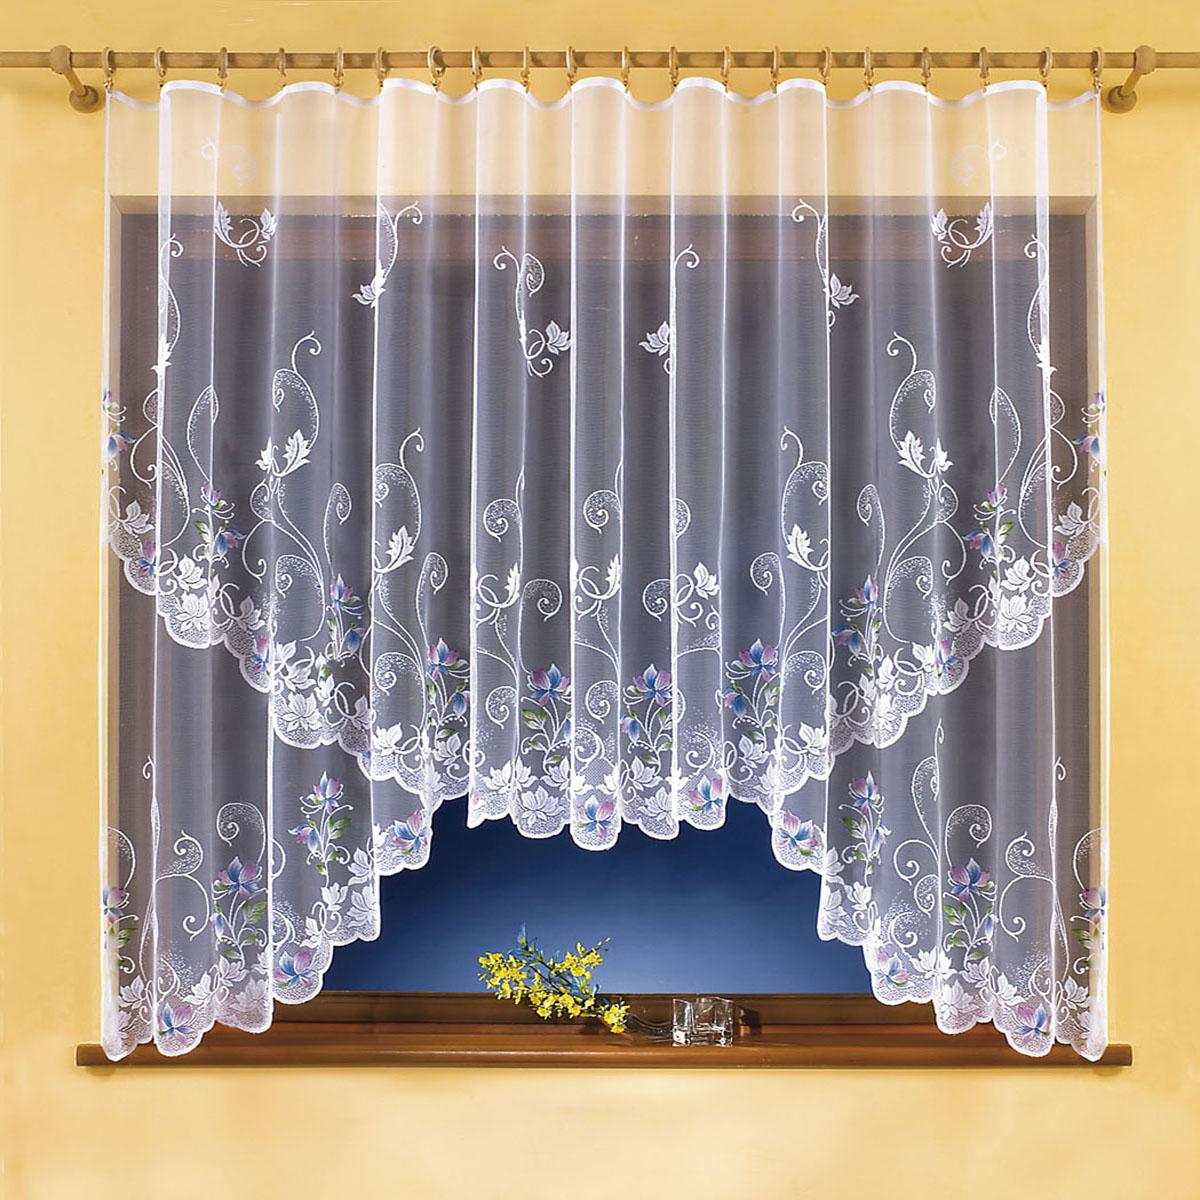 Штора для кухни Wisan, на ленте, цвет: белый, высота 150 см. 99619961Штора Wisan, выполненная из легкого полупрозрачного полиэстера белого цвета, станет великолепным украшением кухонного окна. Изделие имеет ассиметричную длину и красивый цветочный рисунок по всей поверхности полотна. Качественный материал и оригинальный дизайн привлекут к себе внимание и позволят шторе органично вписаться в интерьер помещения. Штора оснащена шторной лентой под зажимы для крепления на карниз.